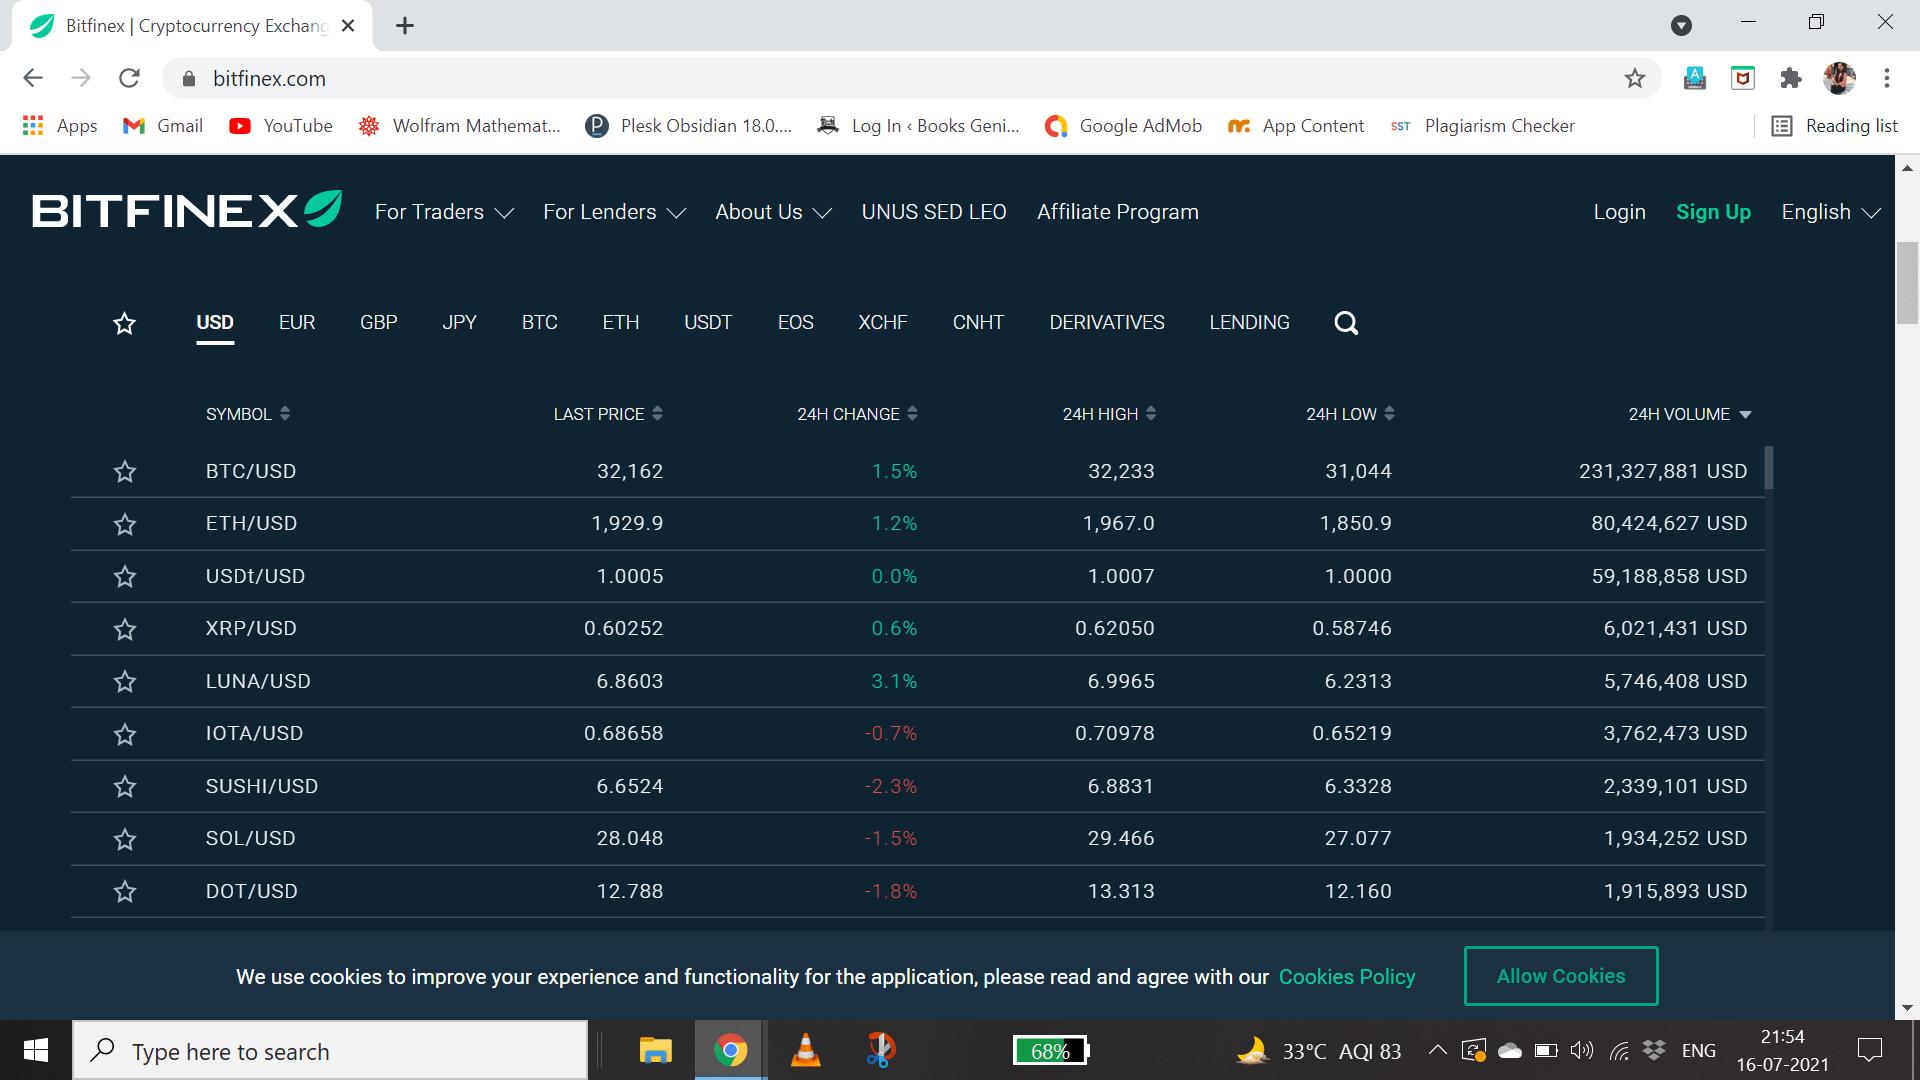 bitfinex-referral-code